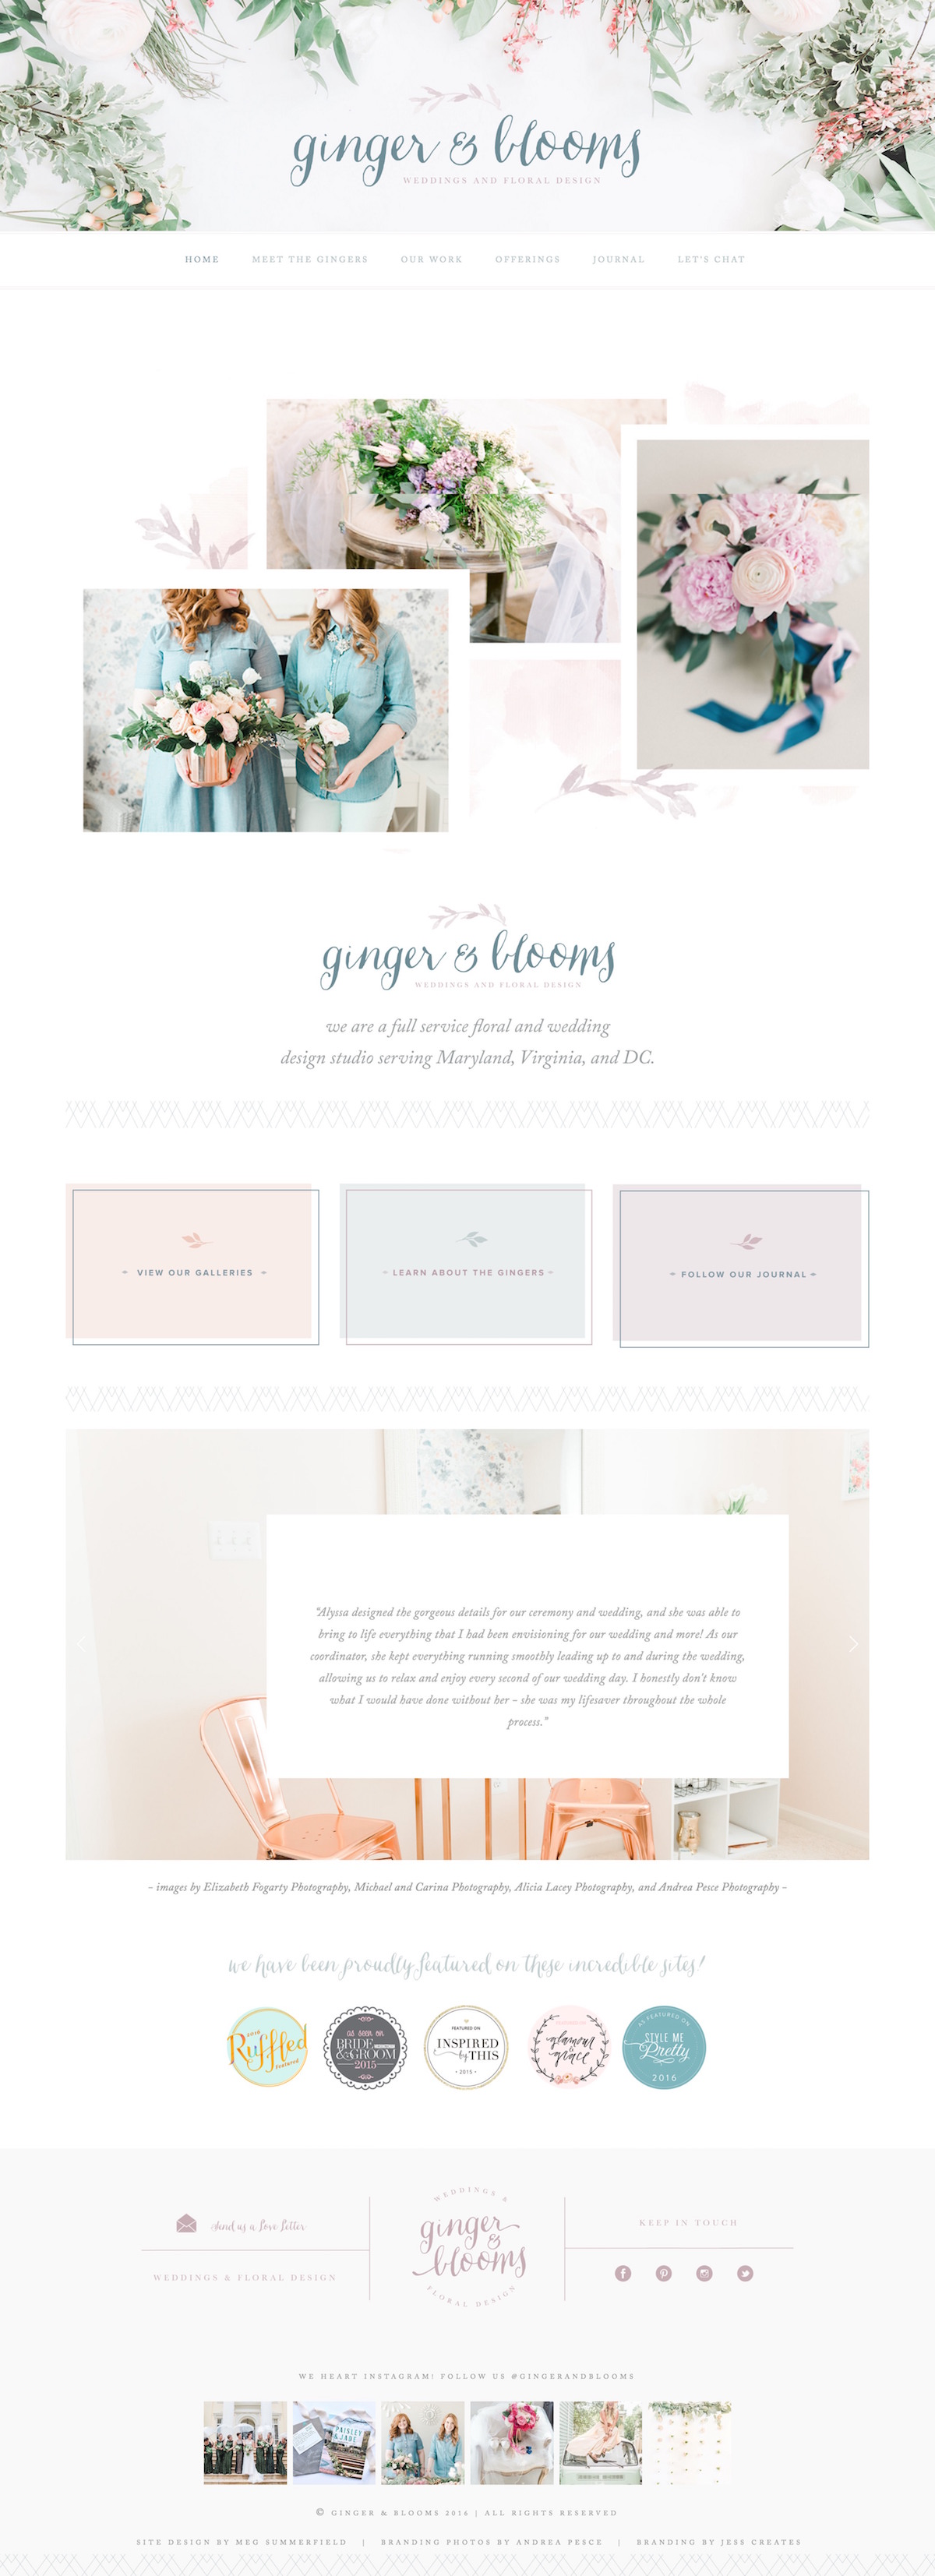 Ginger & Blooms Wedding & Floral Design • A top 10 Squarespace feminine websites for inspiration.jpg